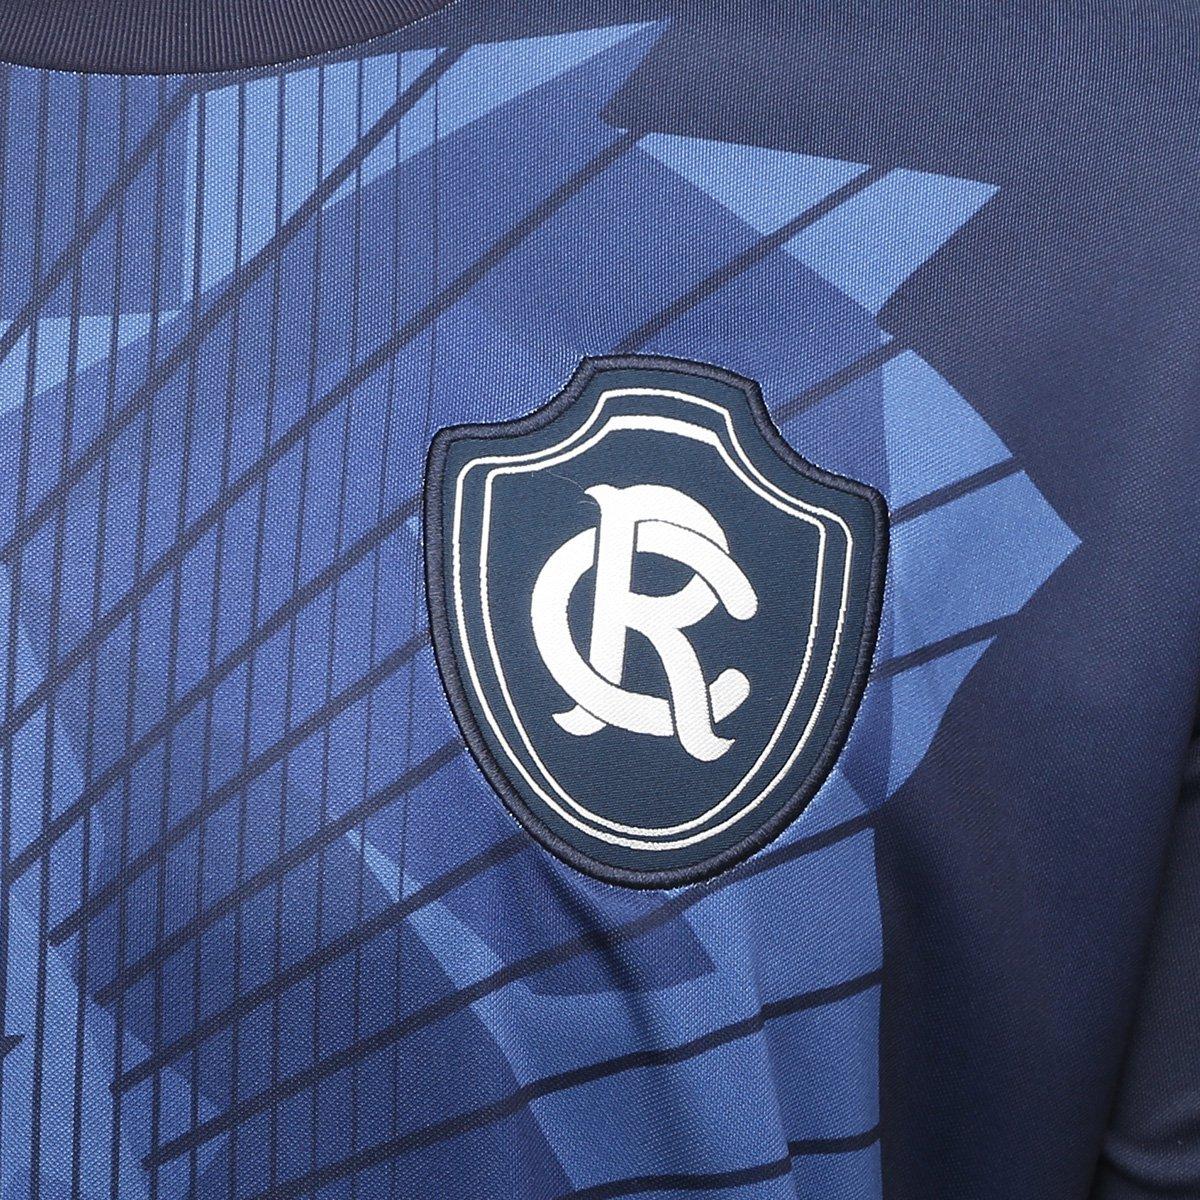 Camisa Remo Aquecimento Topper Masculina - Marinho - Compre Agora ... 5c173d7a2bba3